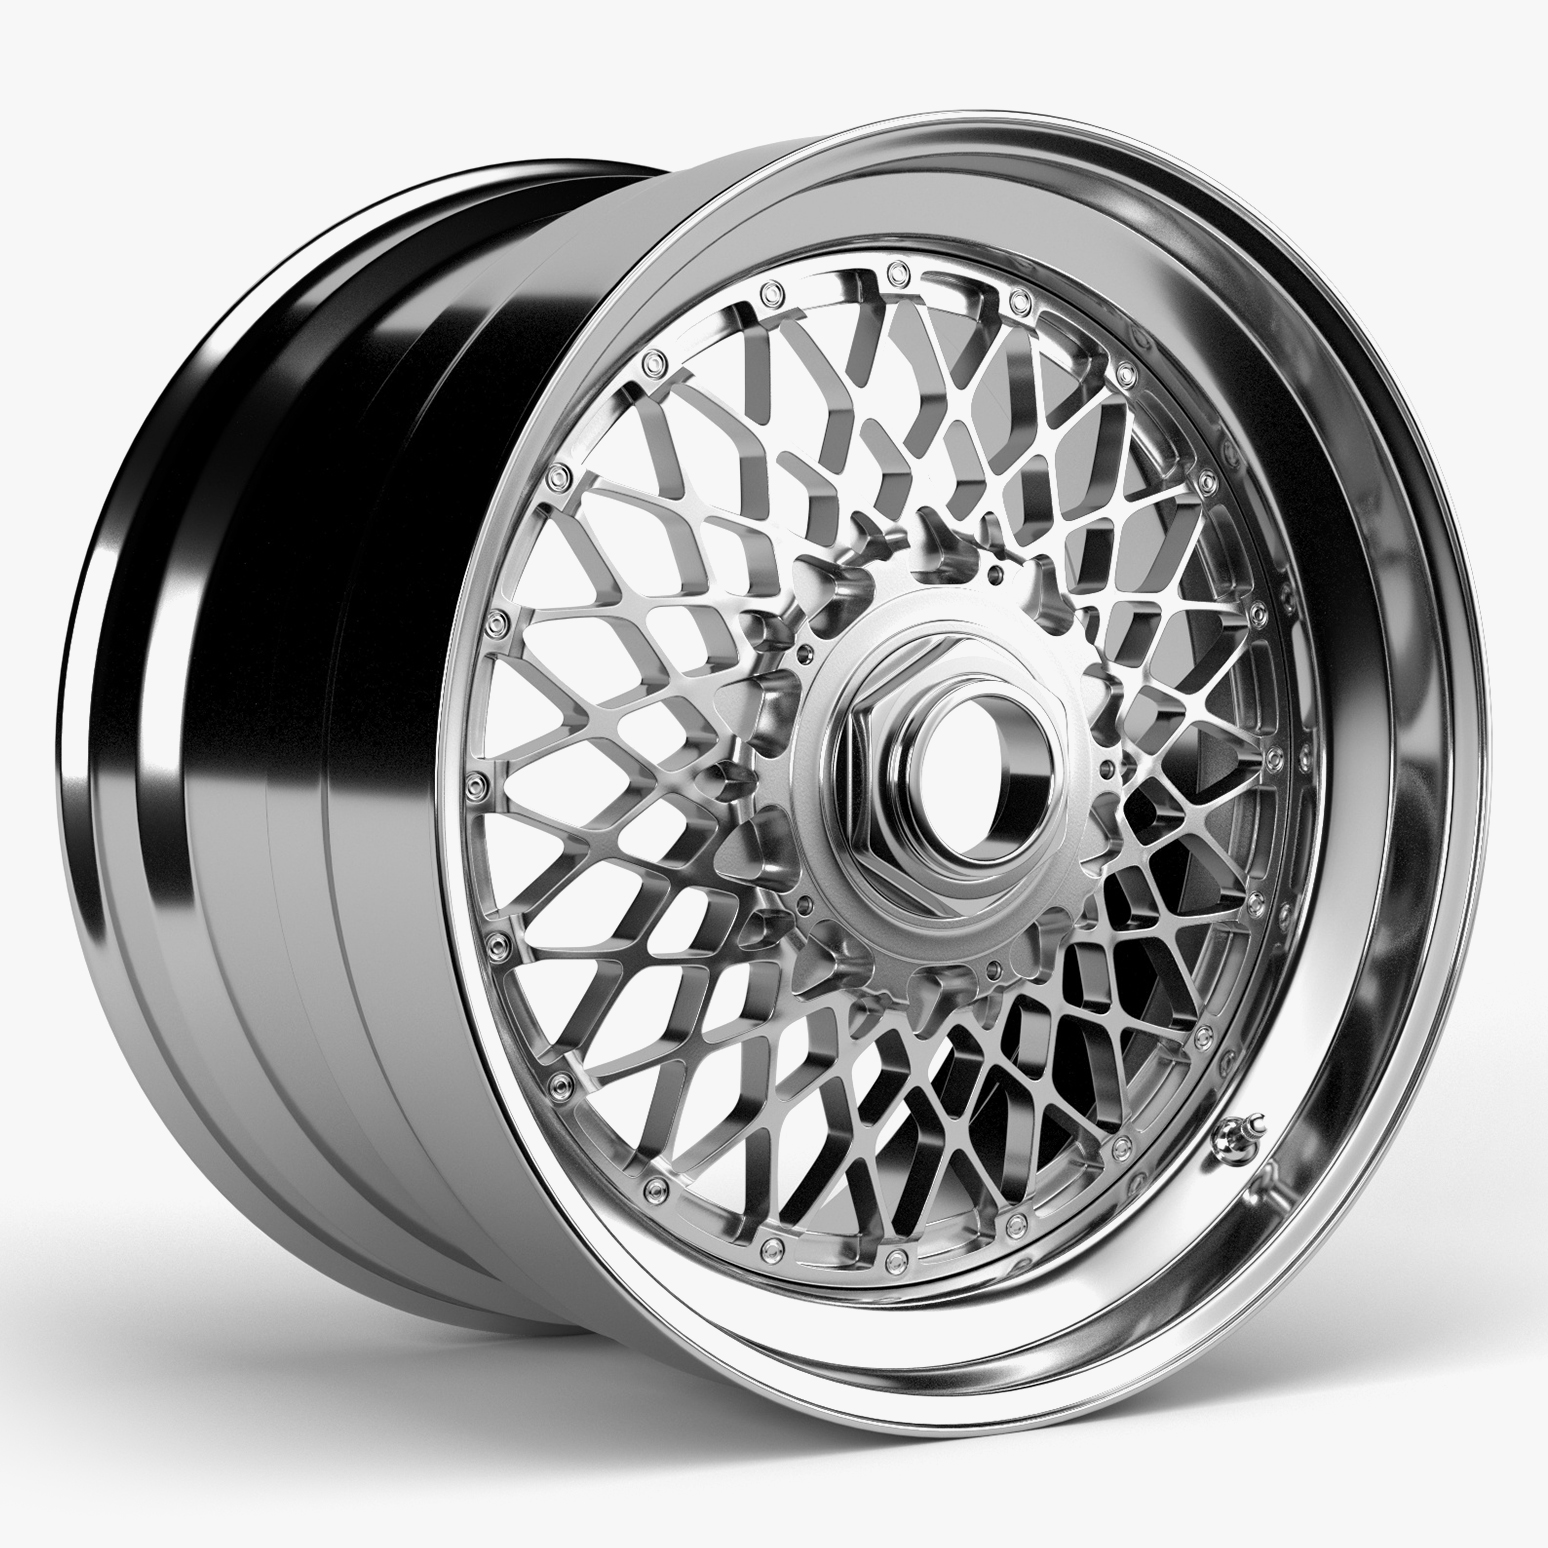 BBS E55 Wheel – iMeshh